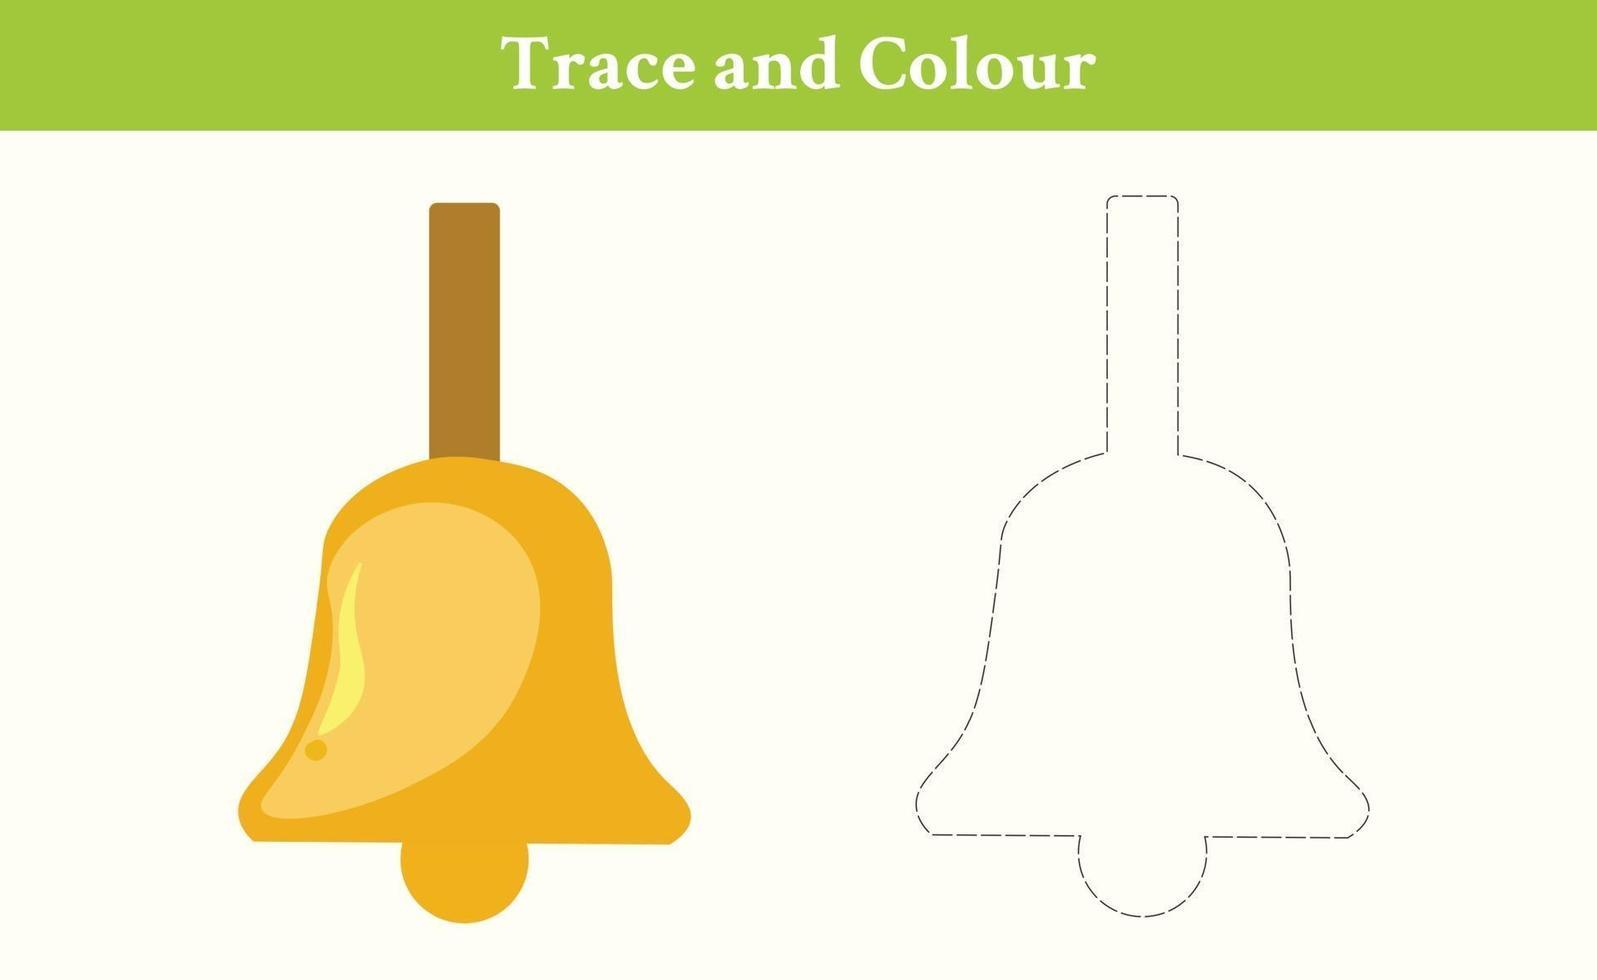 trace en kleur bel gratis vector